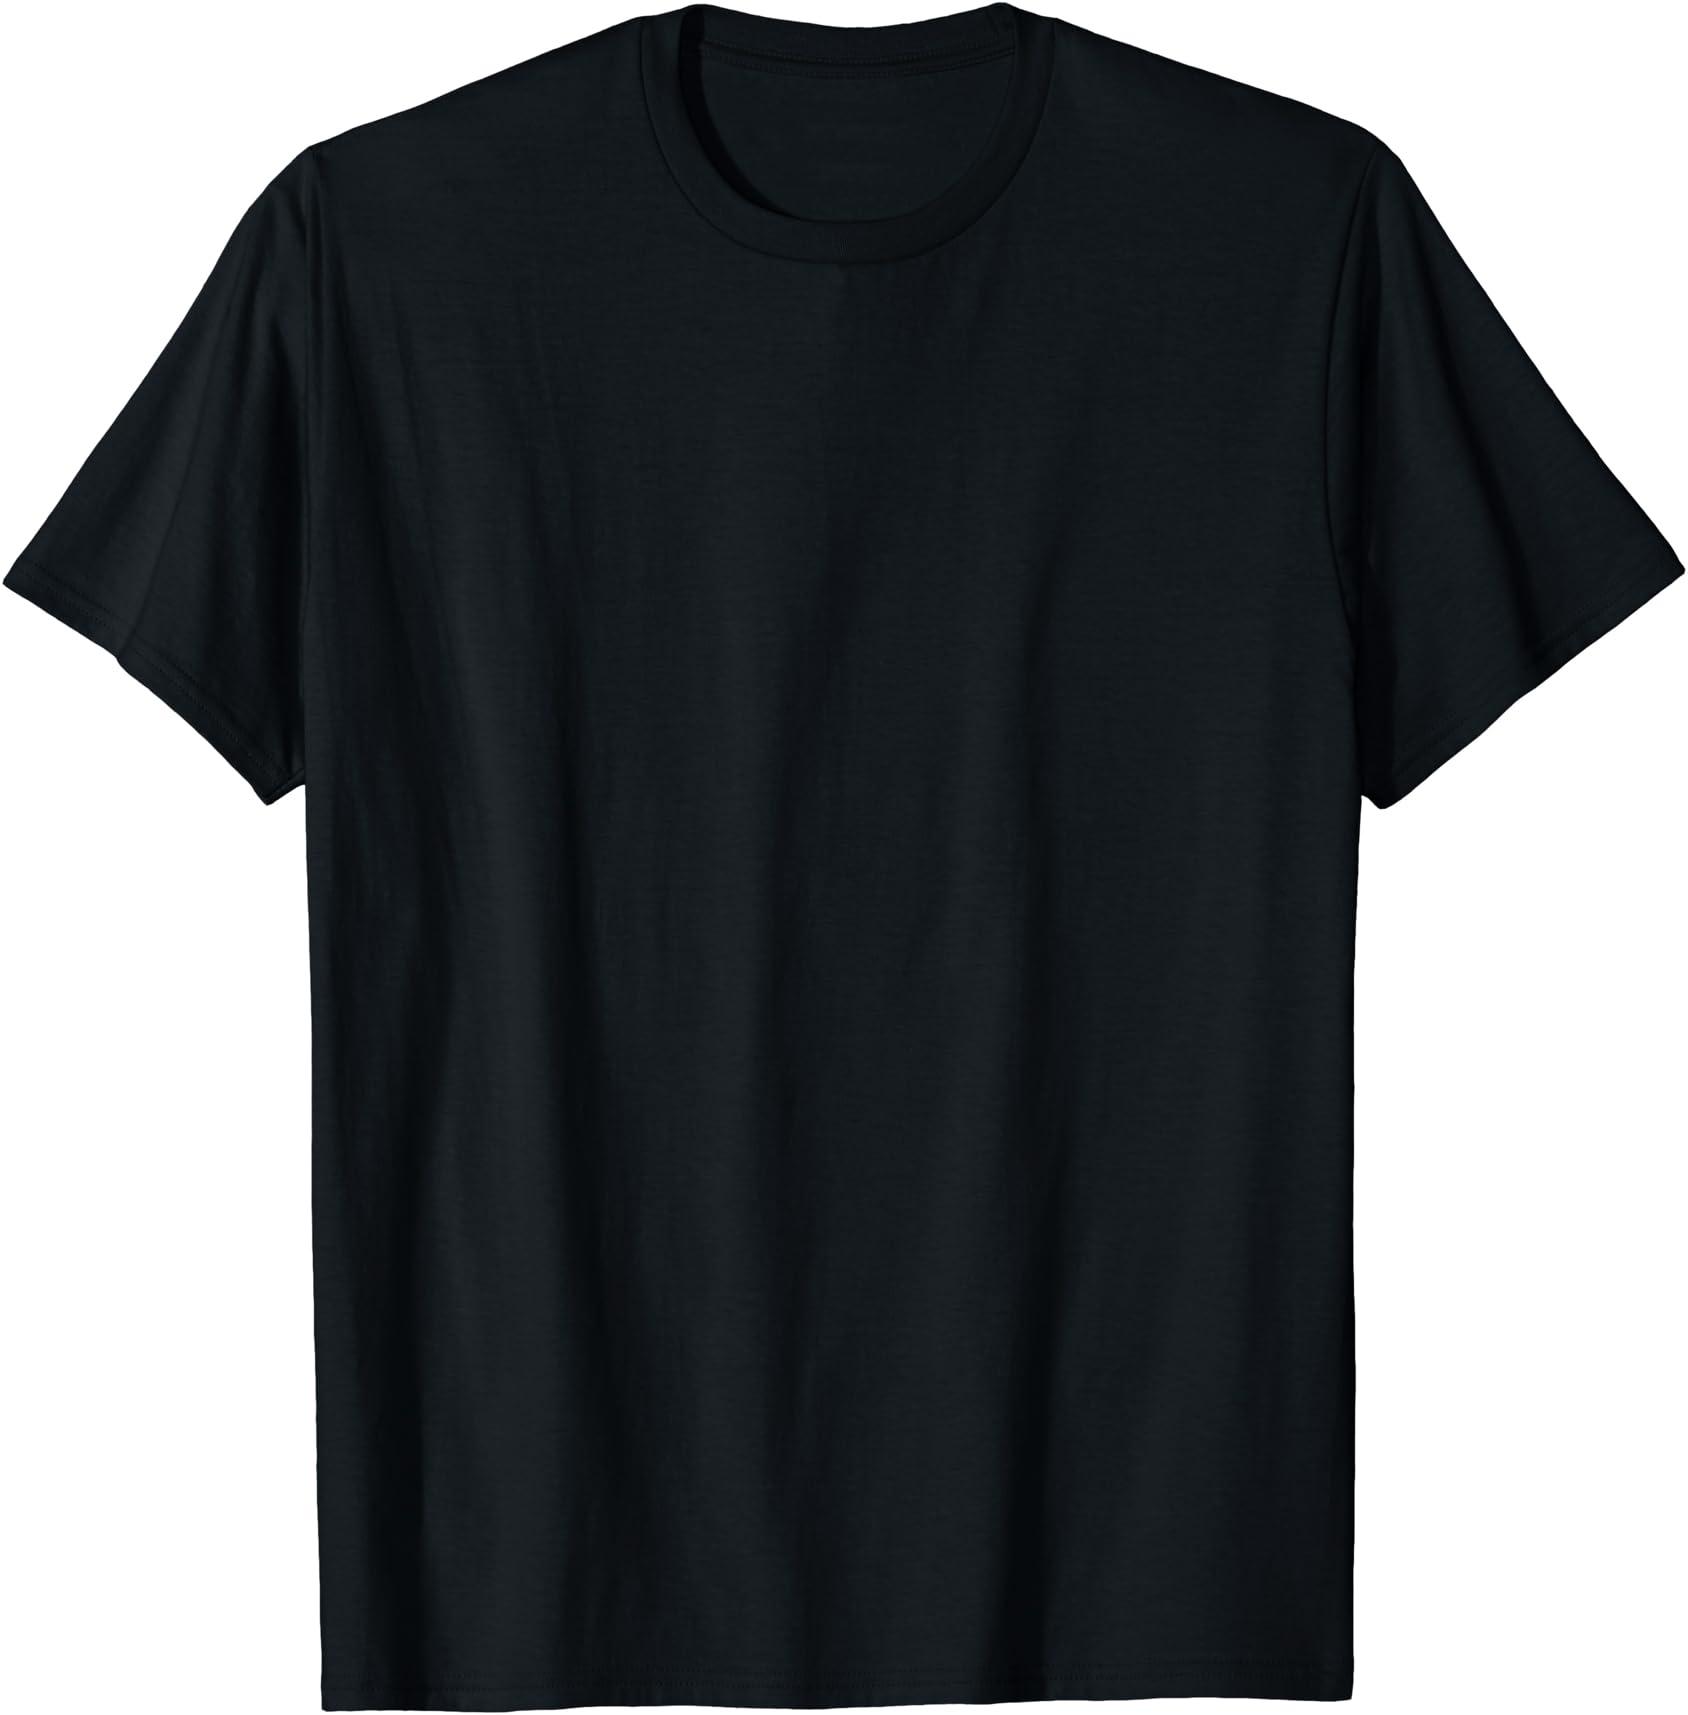 Womens Koi Carp T-Shirt Fisherman Fishing Gift tee ladies